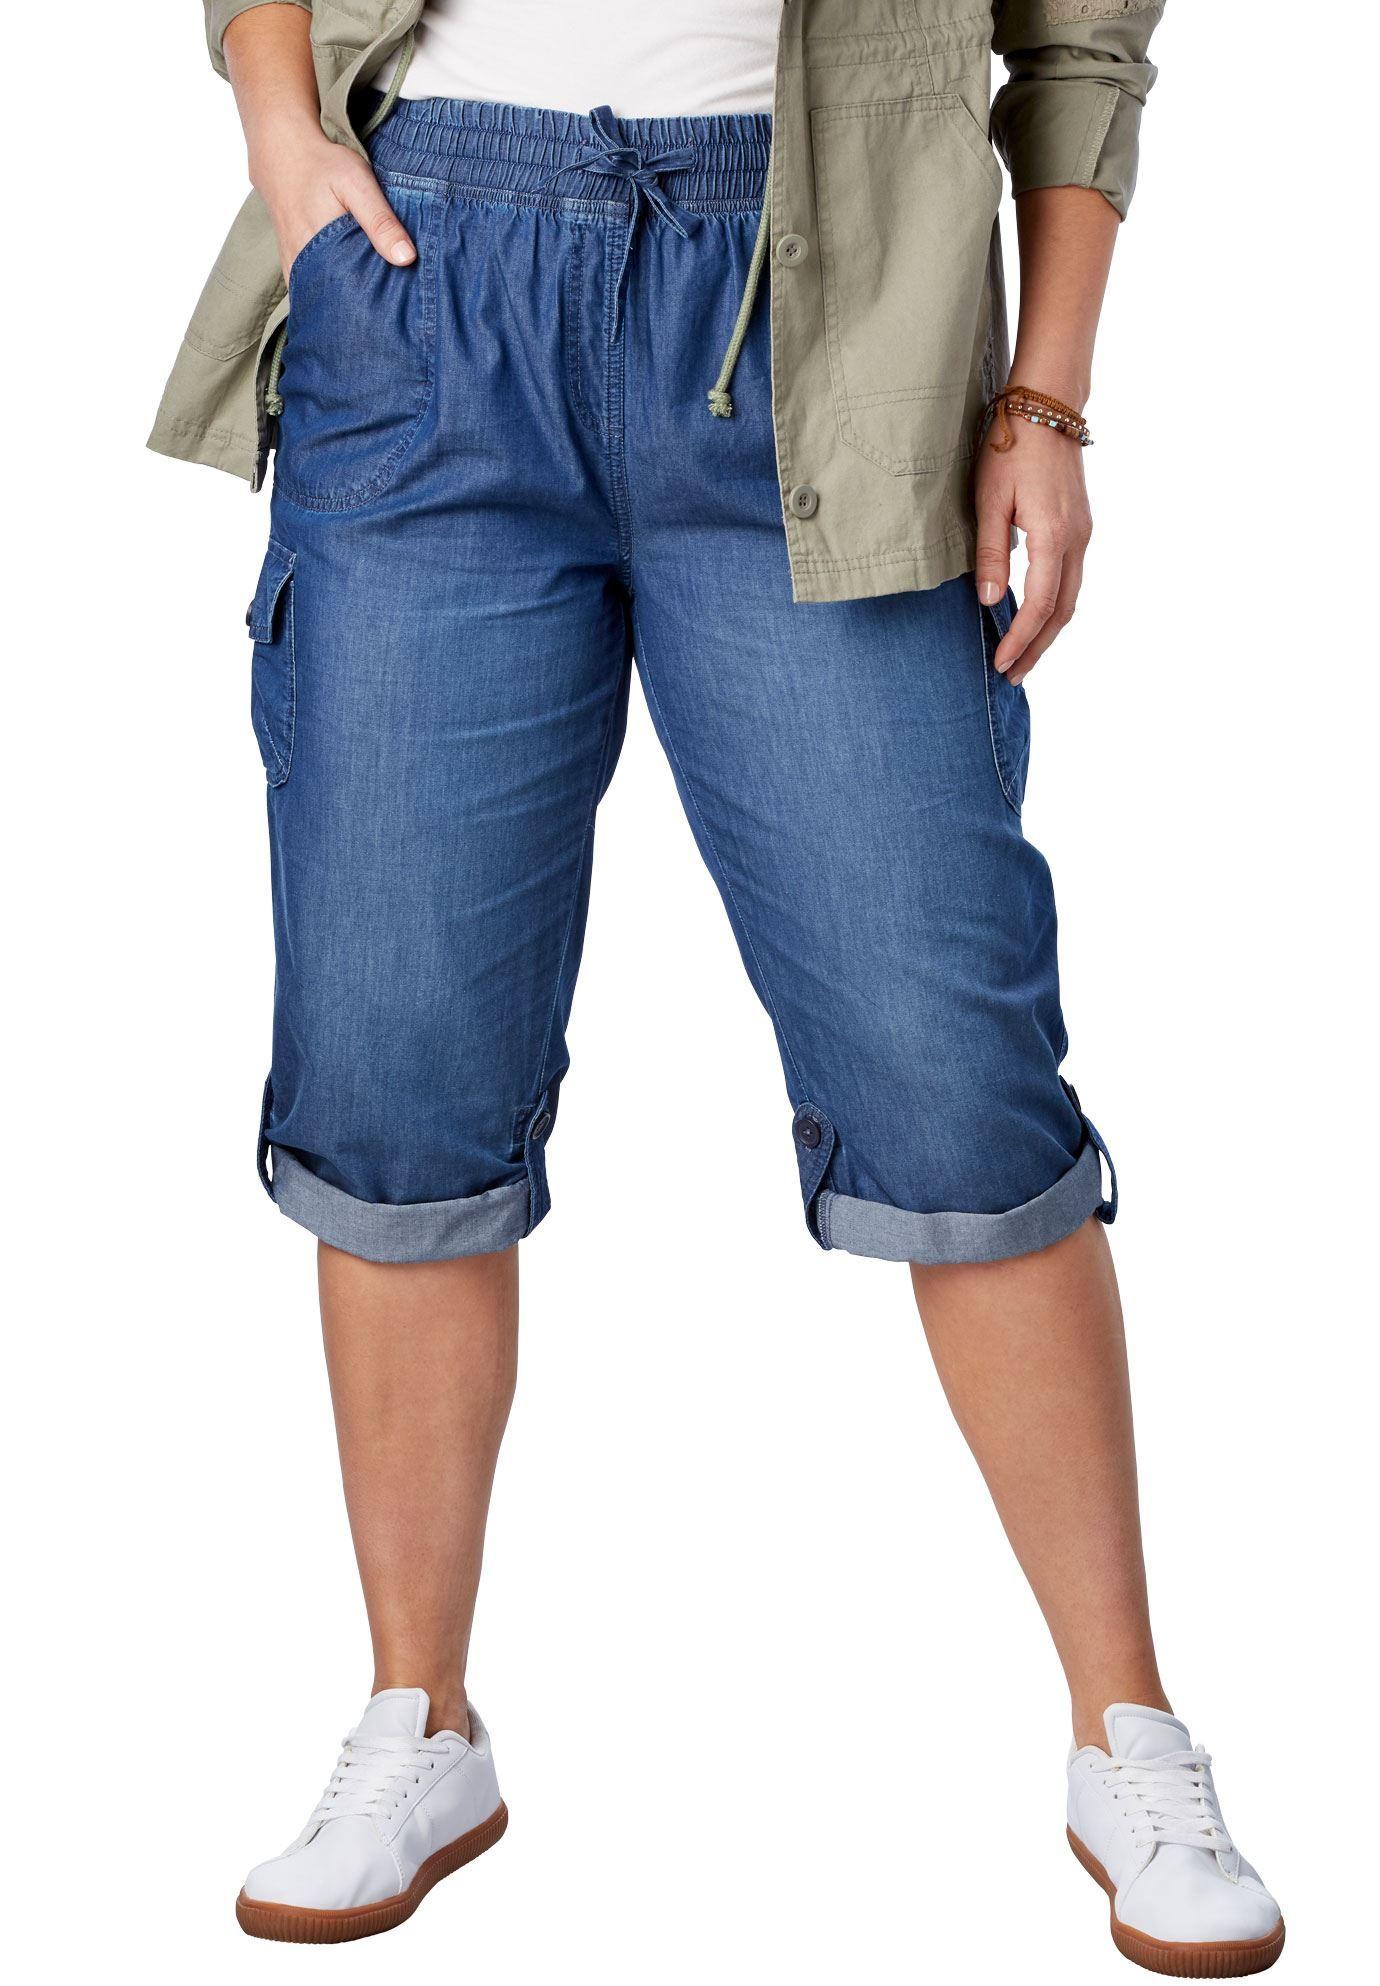 c6a474d9241f6 Convertible-Length Cotton Cargo Capri Pants - Women's Plus Size Clothing